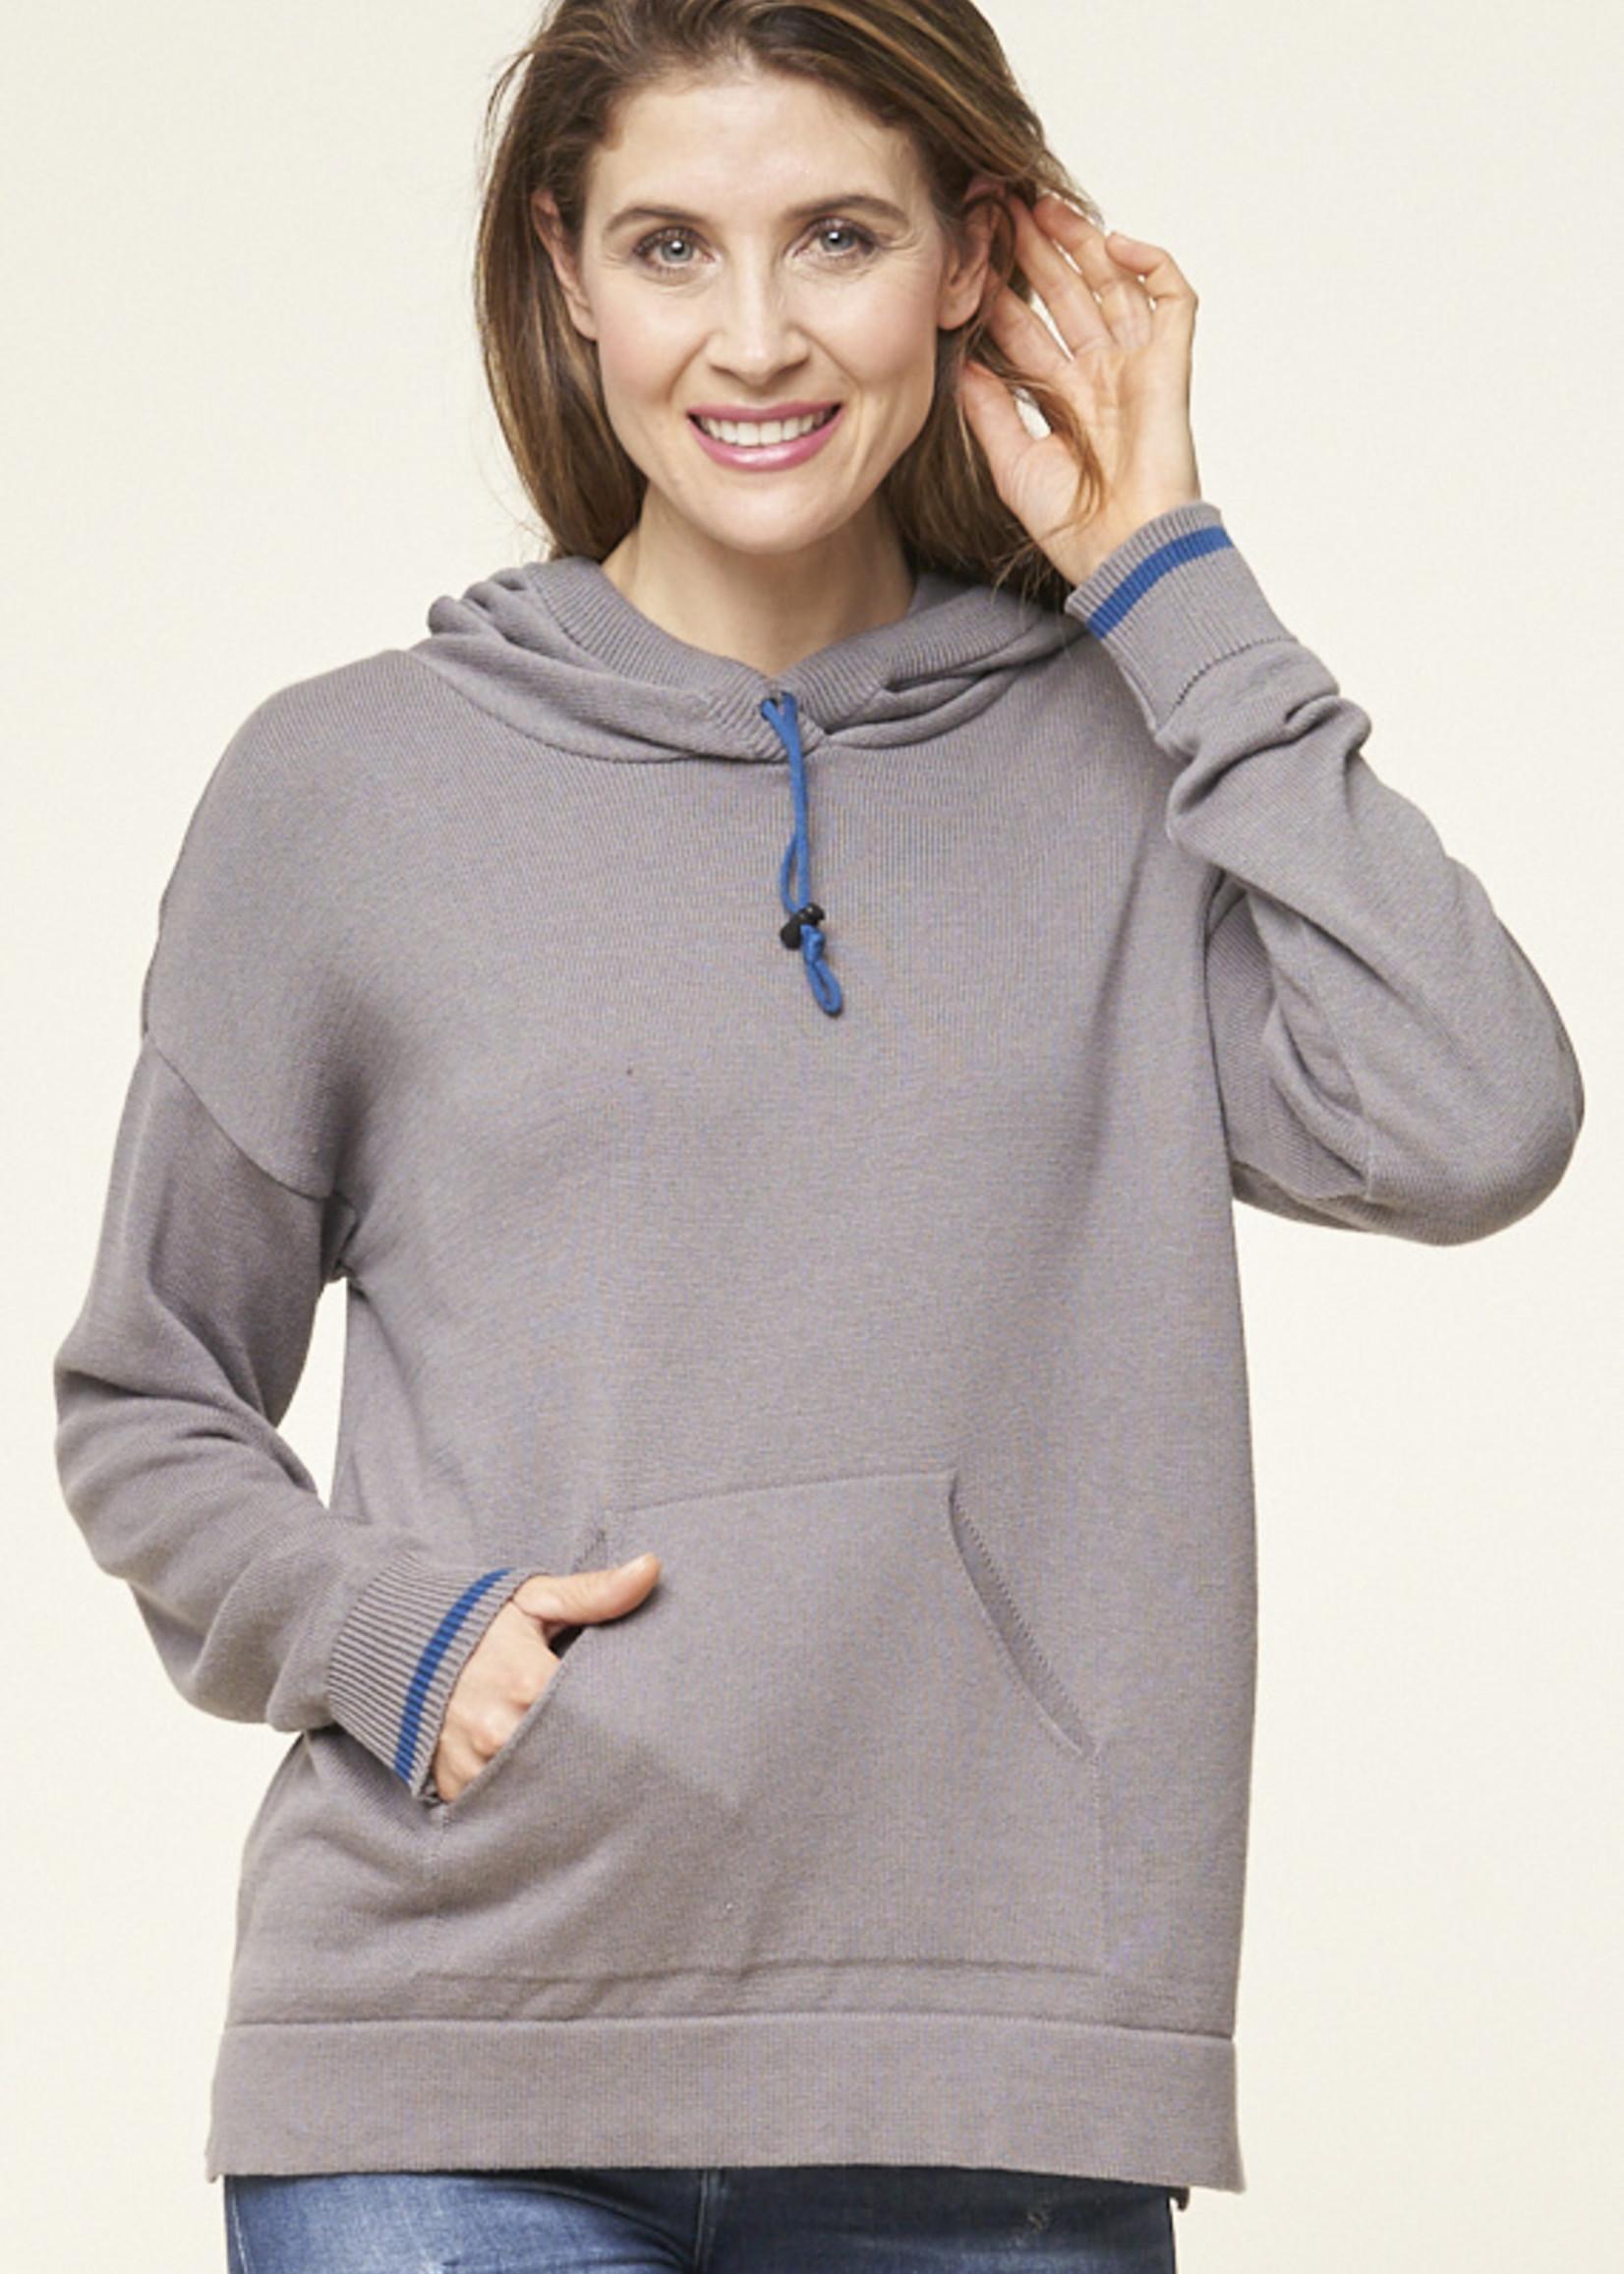 Parkhurst Parkhurst Knit Hoodie Pullover